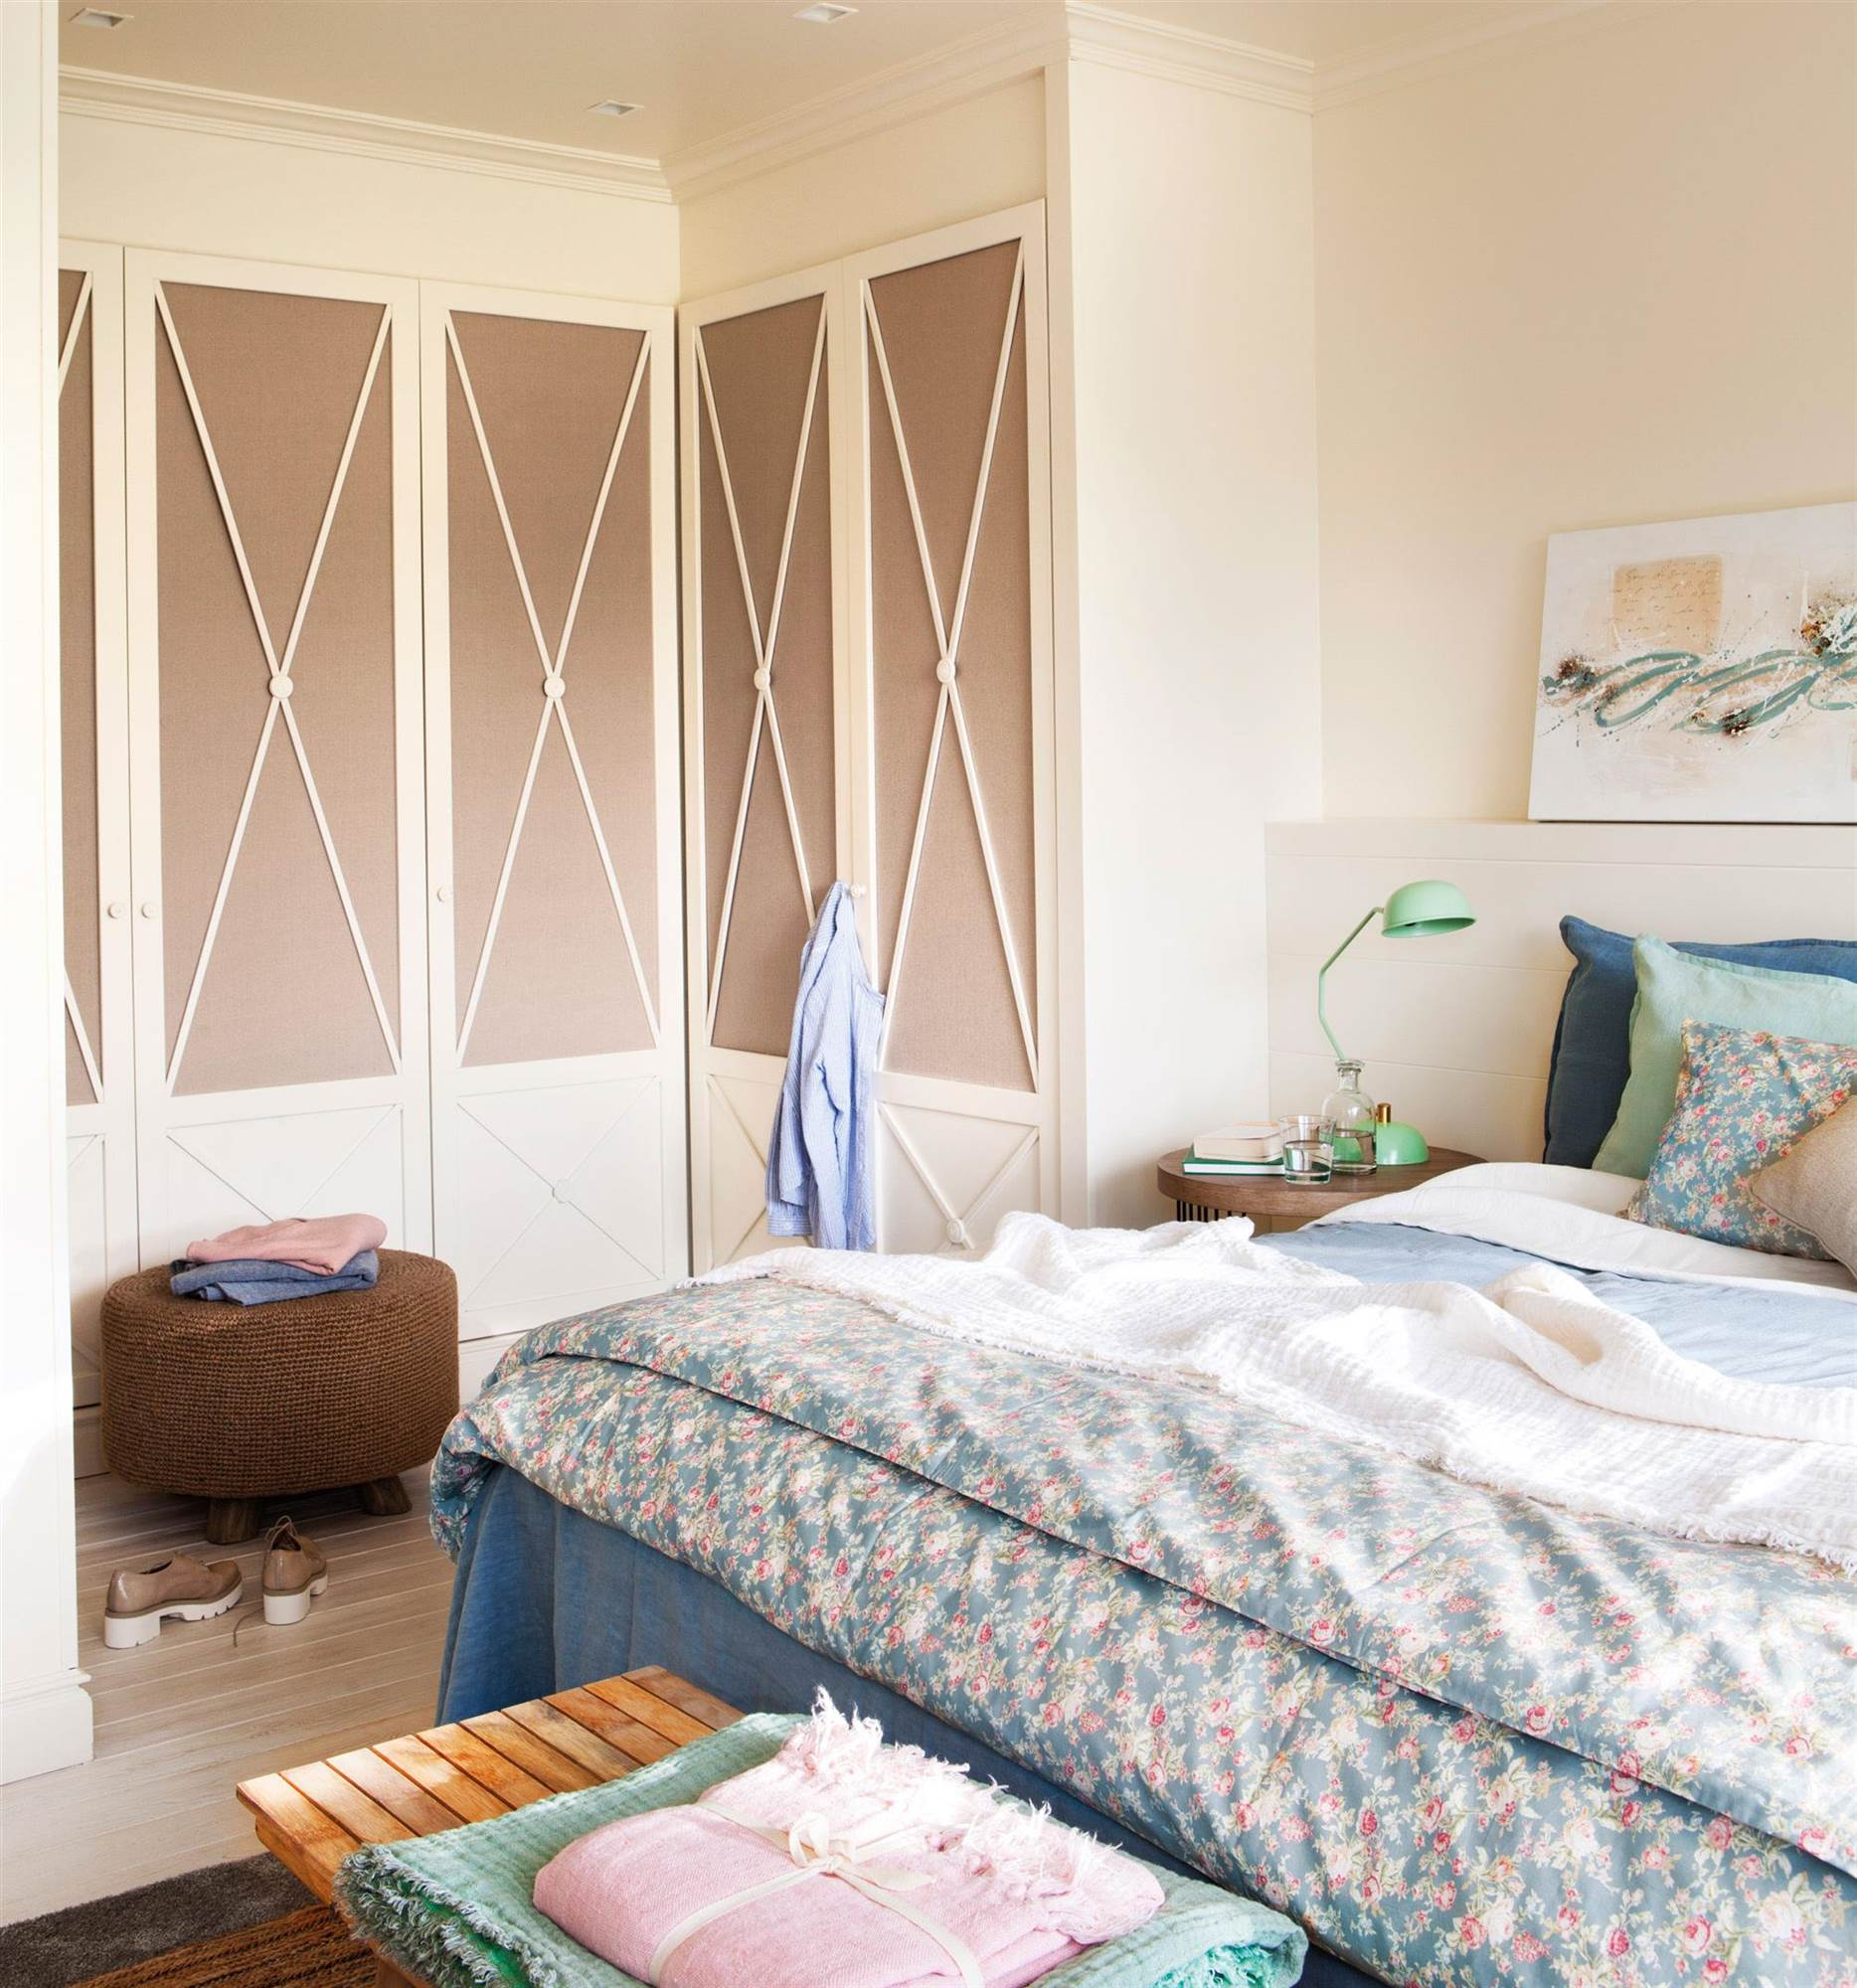 Decorar puertas de armarios ideas para pintar y decorar - Decorar puertas de armario ...